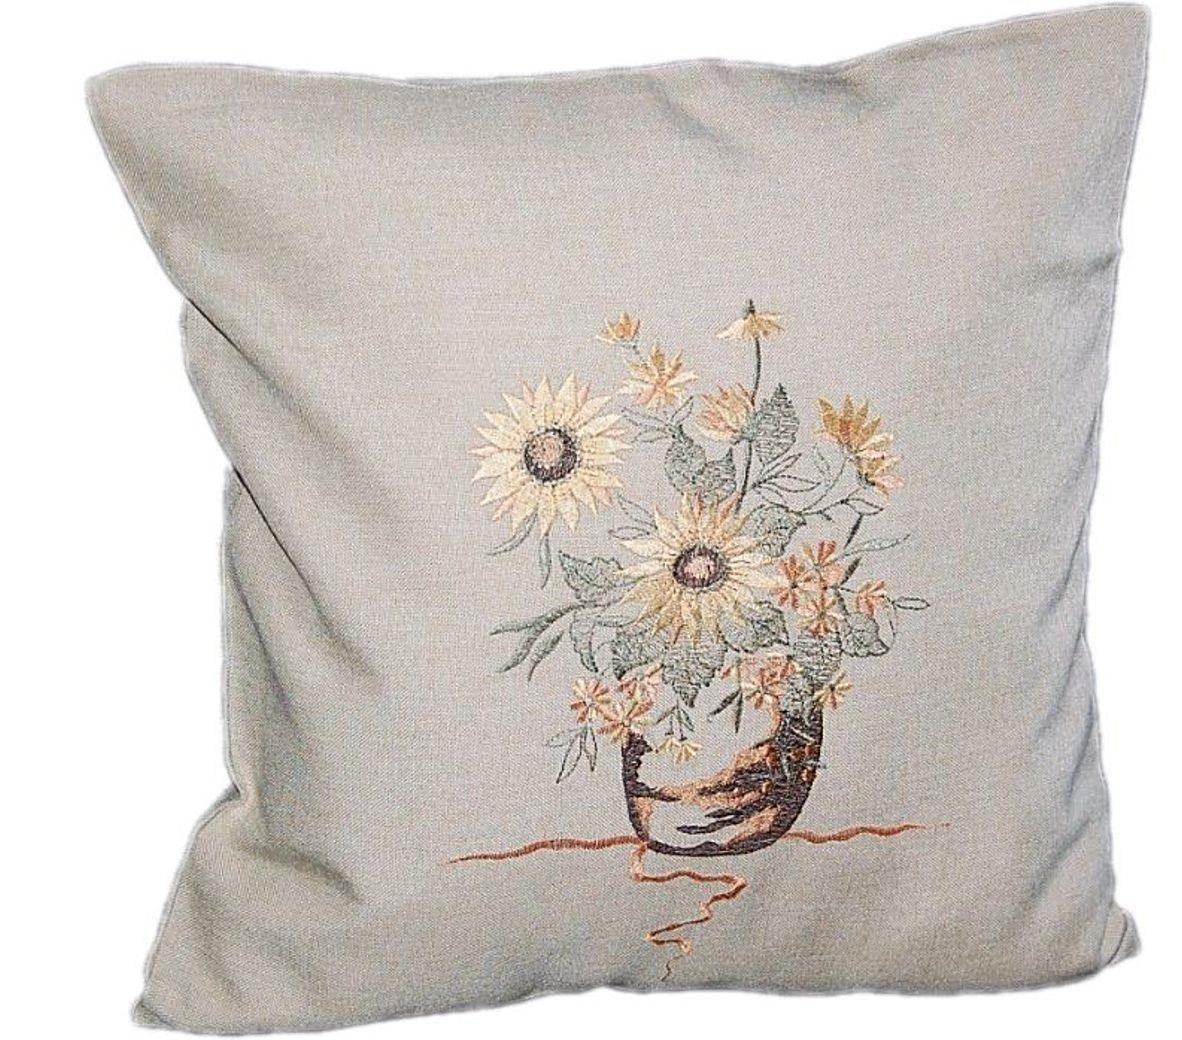 tischdecke beige sonnenblume spitze tischl ufer kissenbezug l ufer decke kissen ebay. Black Bedroom Furniture Sets. Home Design Ideas